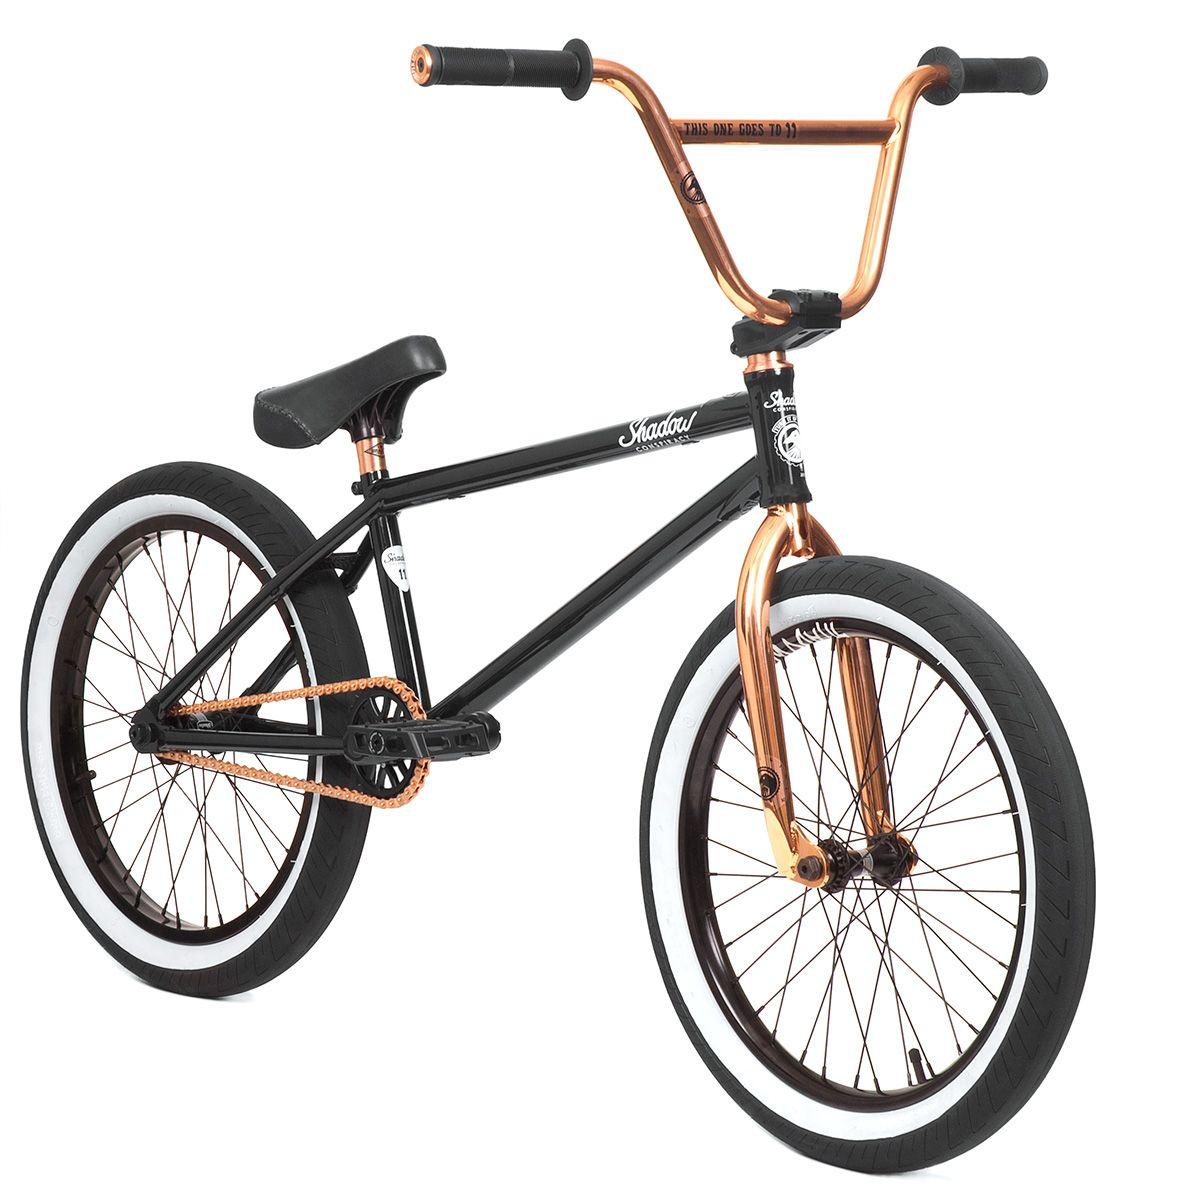 Shadow X Subrosa Turn It To 11 Bike | Bicycles | Pinterest | BMX ...